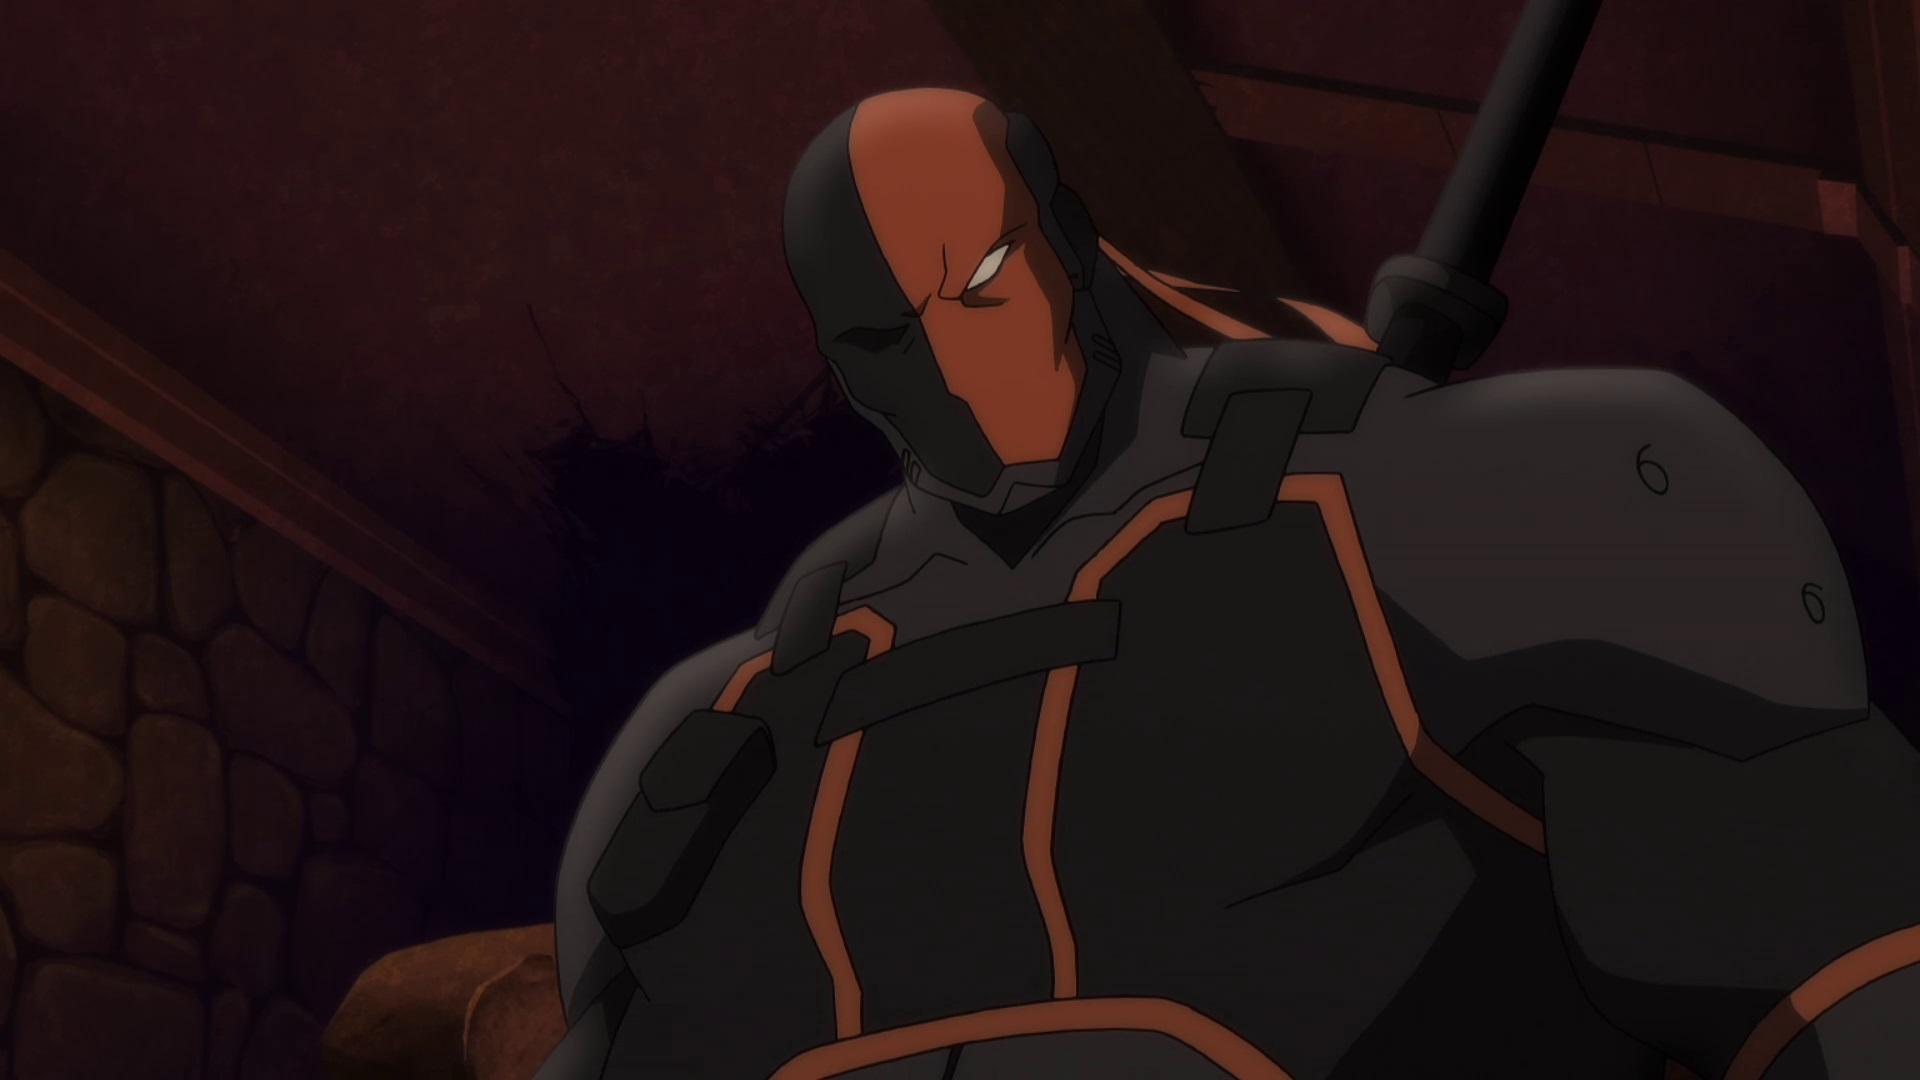 Slade Wilson Deathstroke Smallville Deathstroke is the main